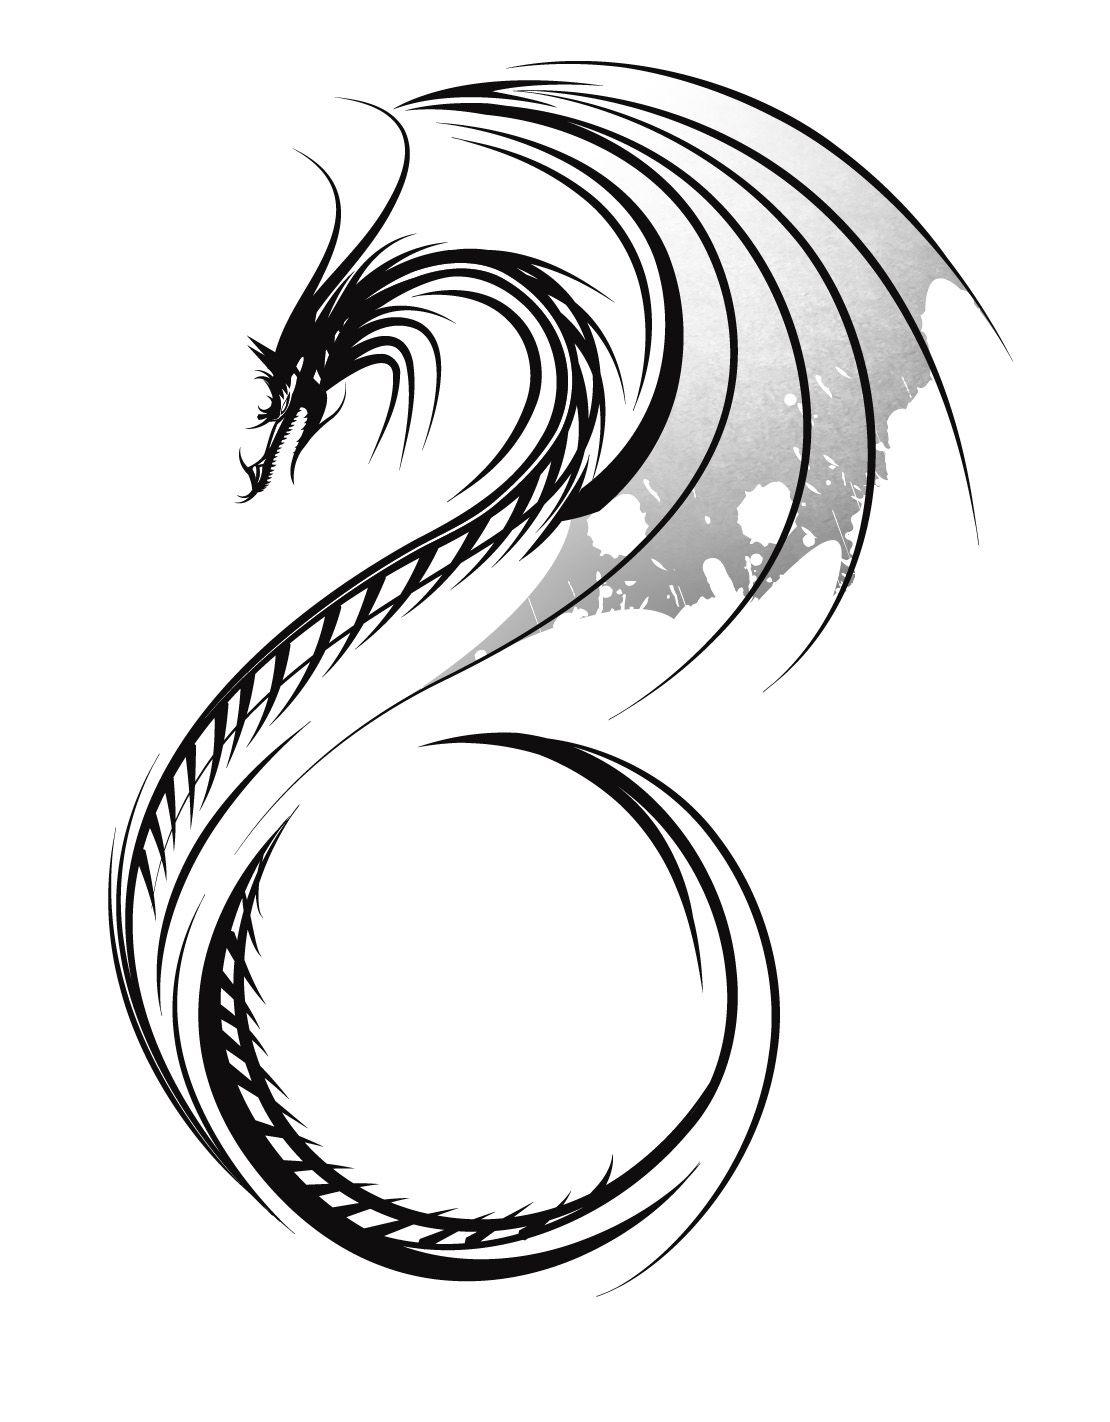 Small name tattoo ideas dragon tattoo designs   name tattoo skeleton dragon knight